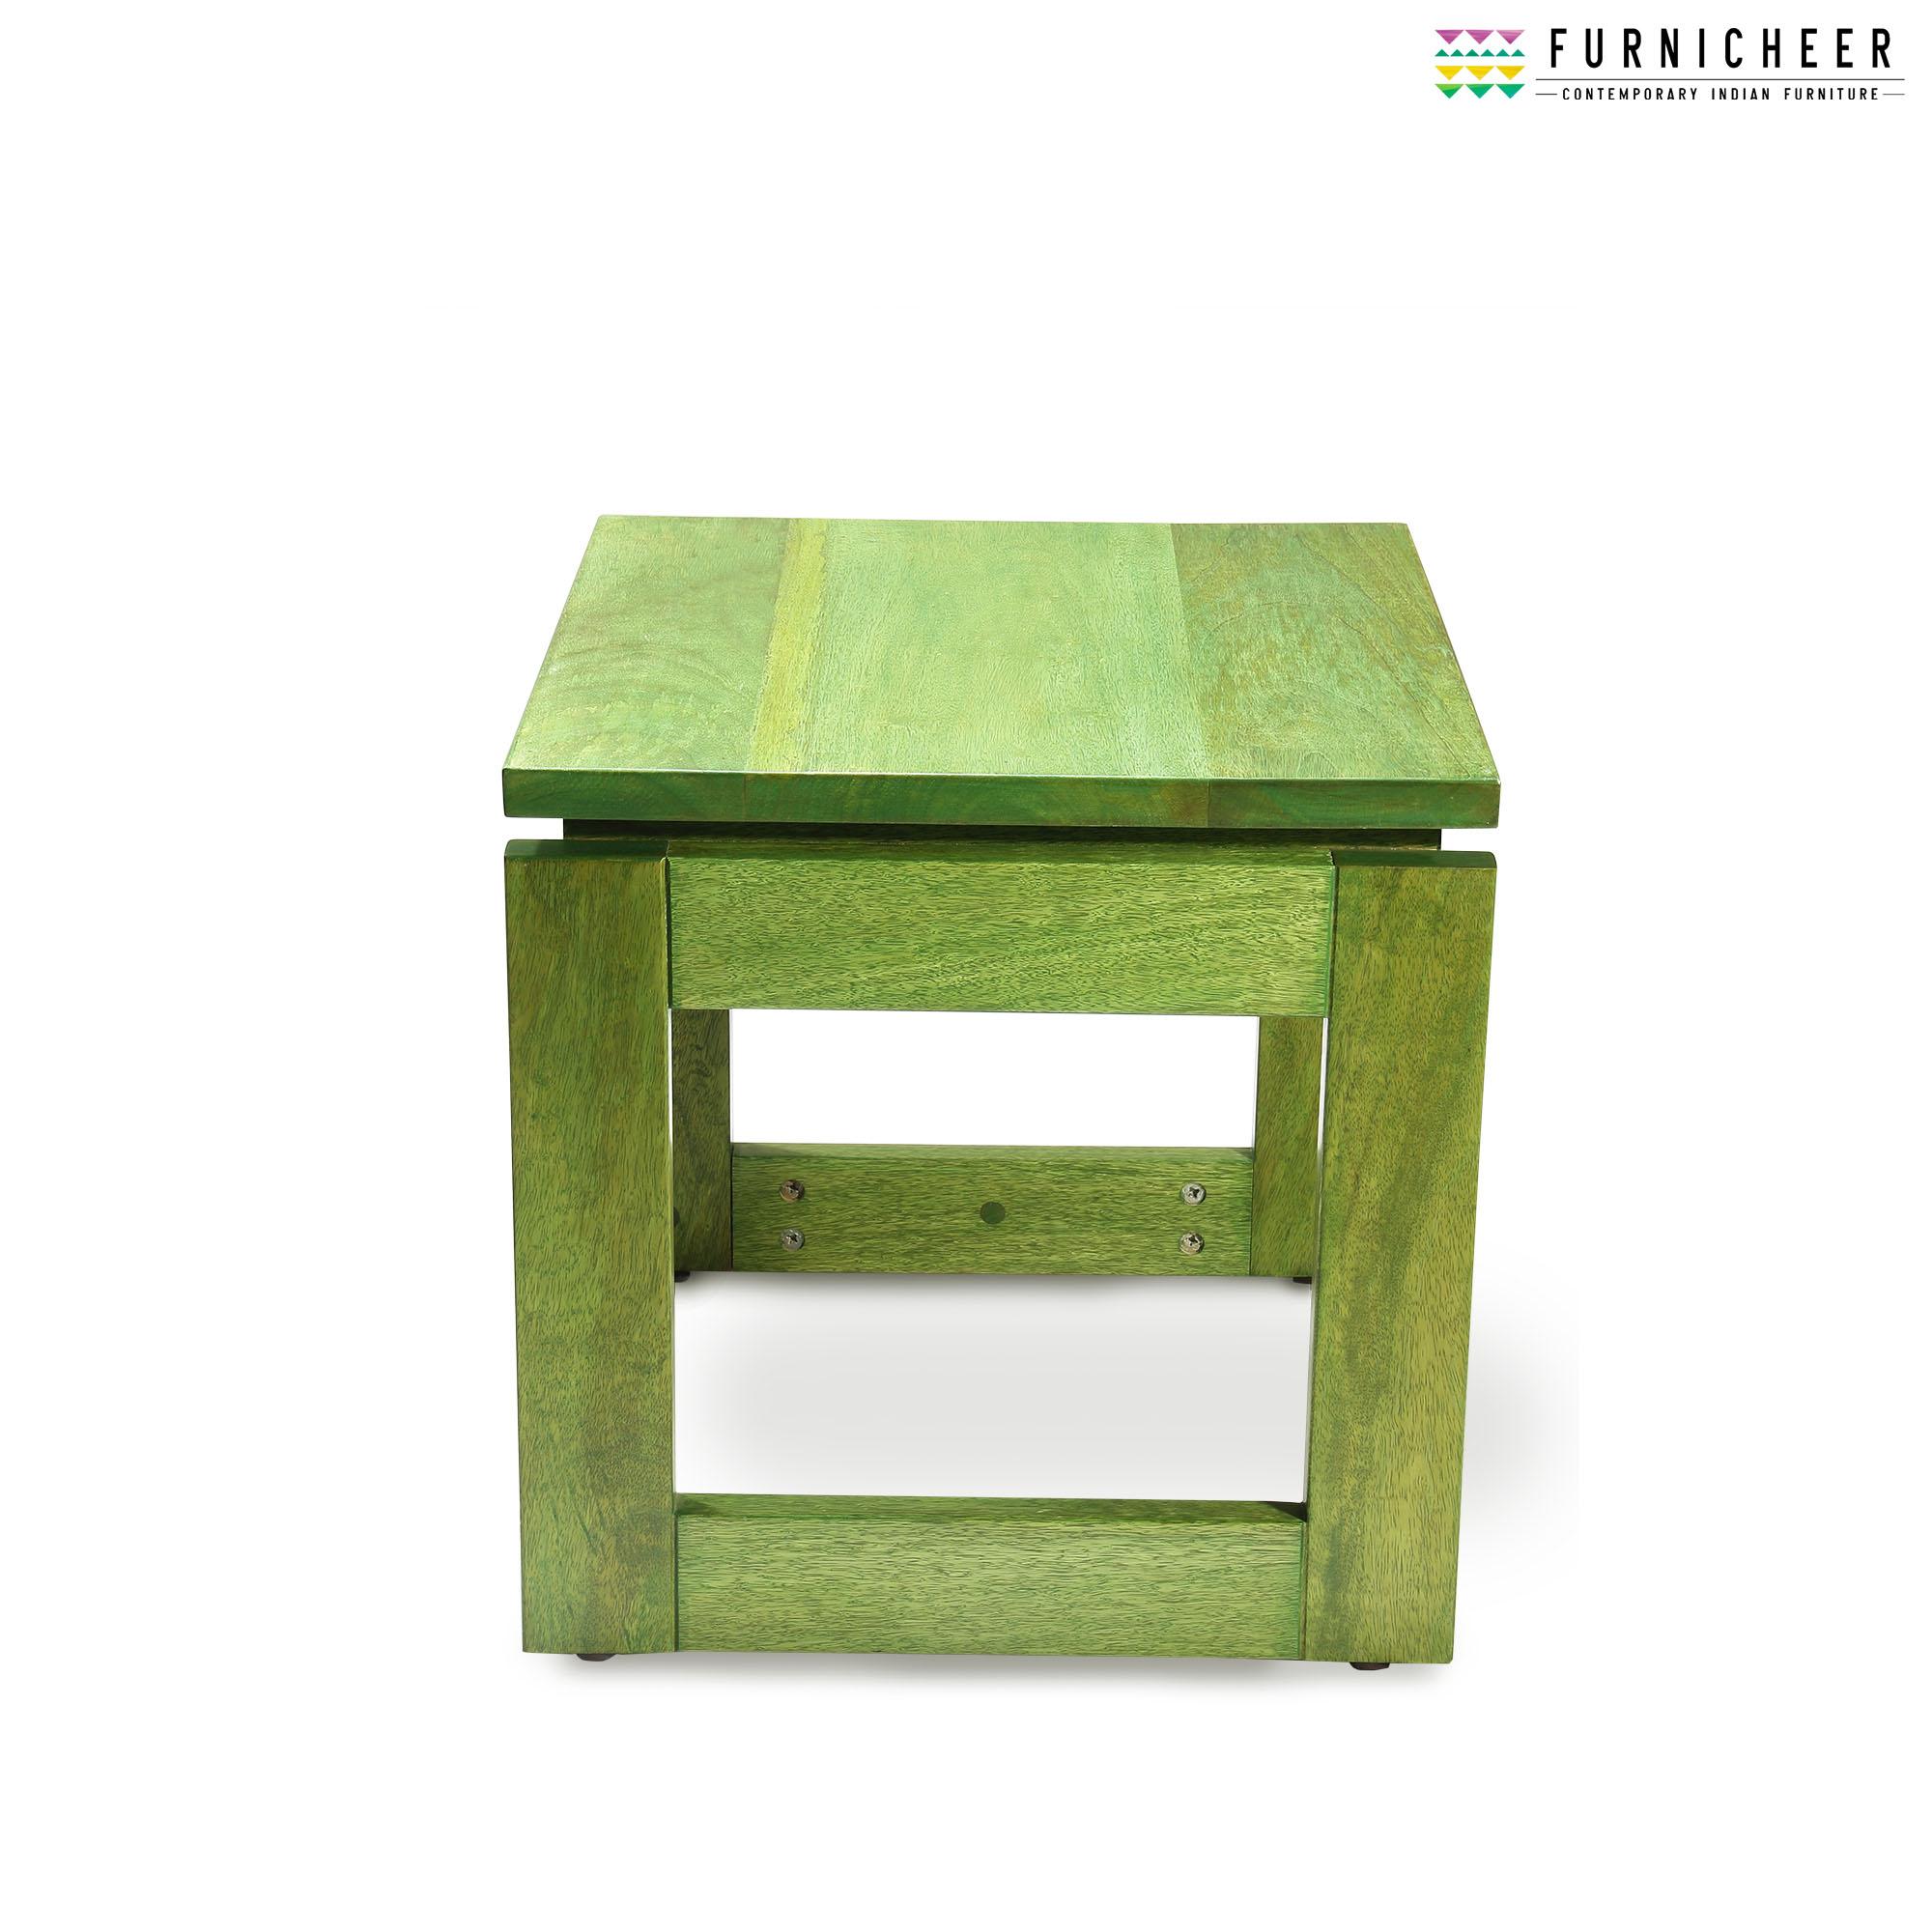 2.SIDE & END TABLE SKU TBGR7393